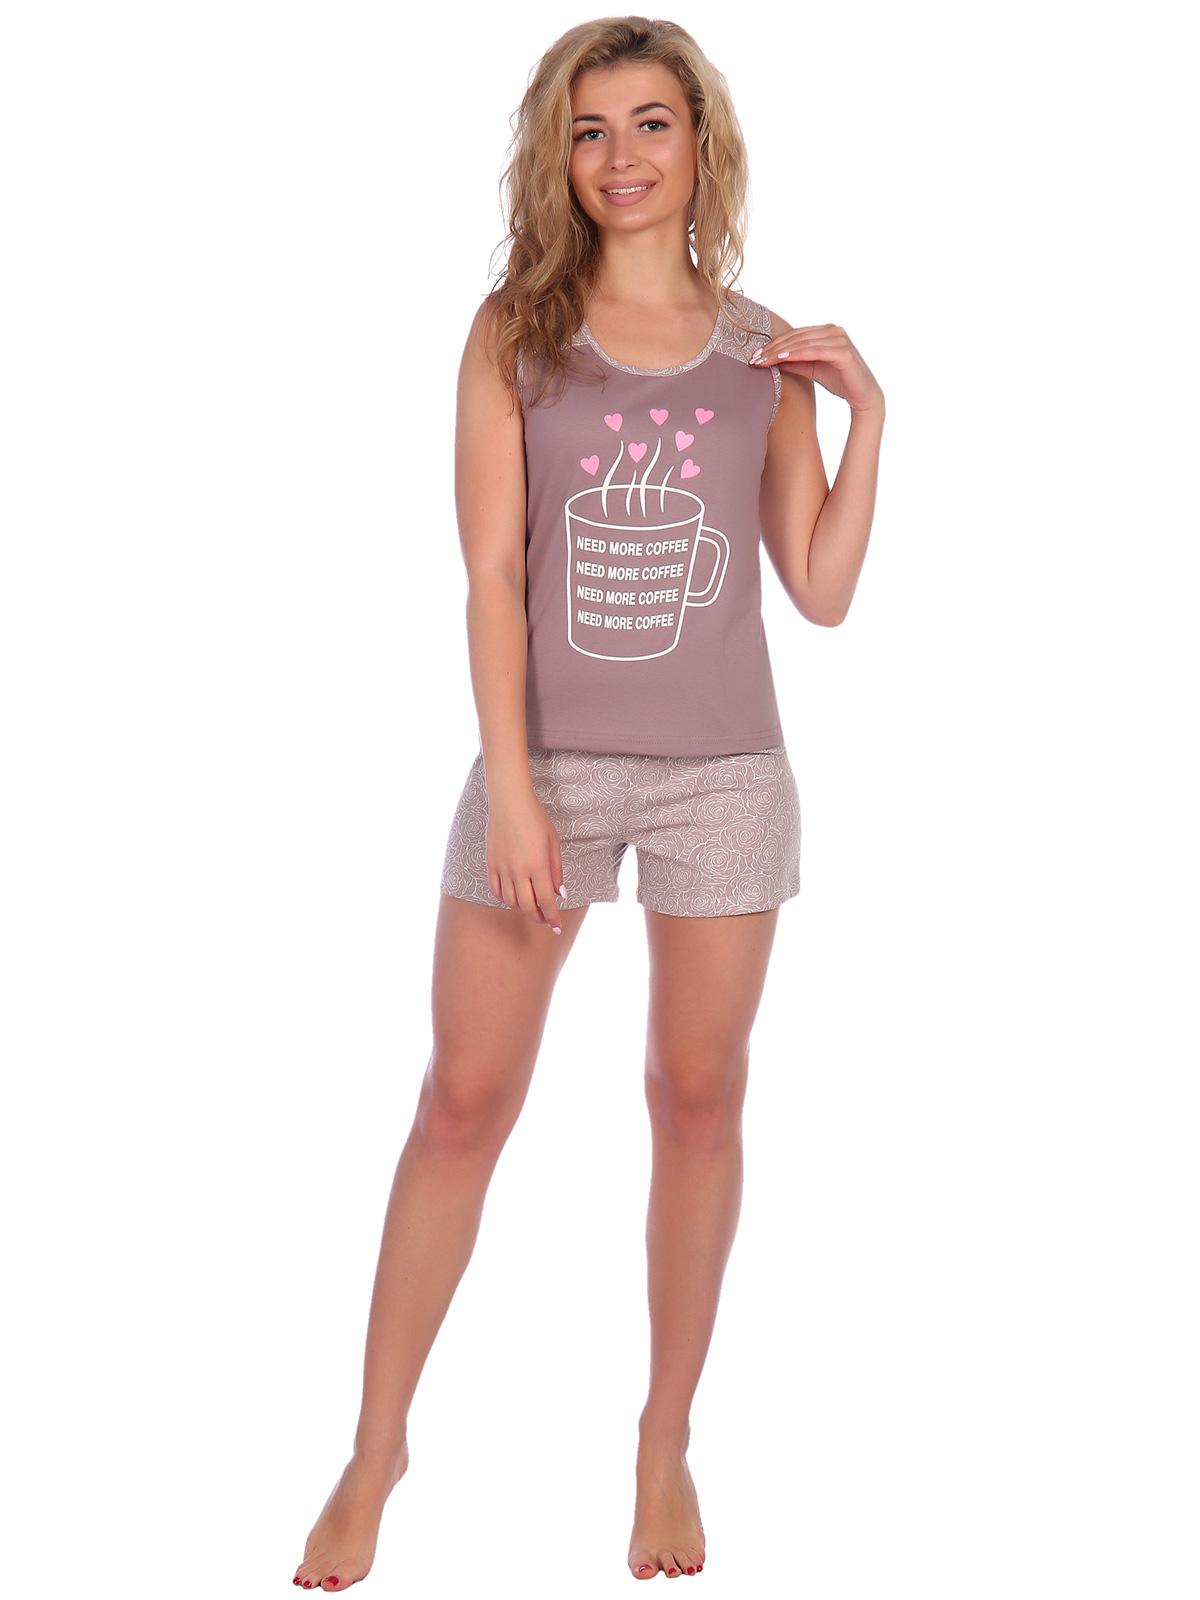 27c176c9a95edca Купить женские пижамы недорого в Москве. Женские пижамы в интернет-магазине  RASTL.RU.